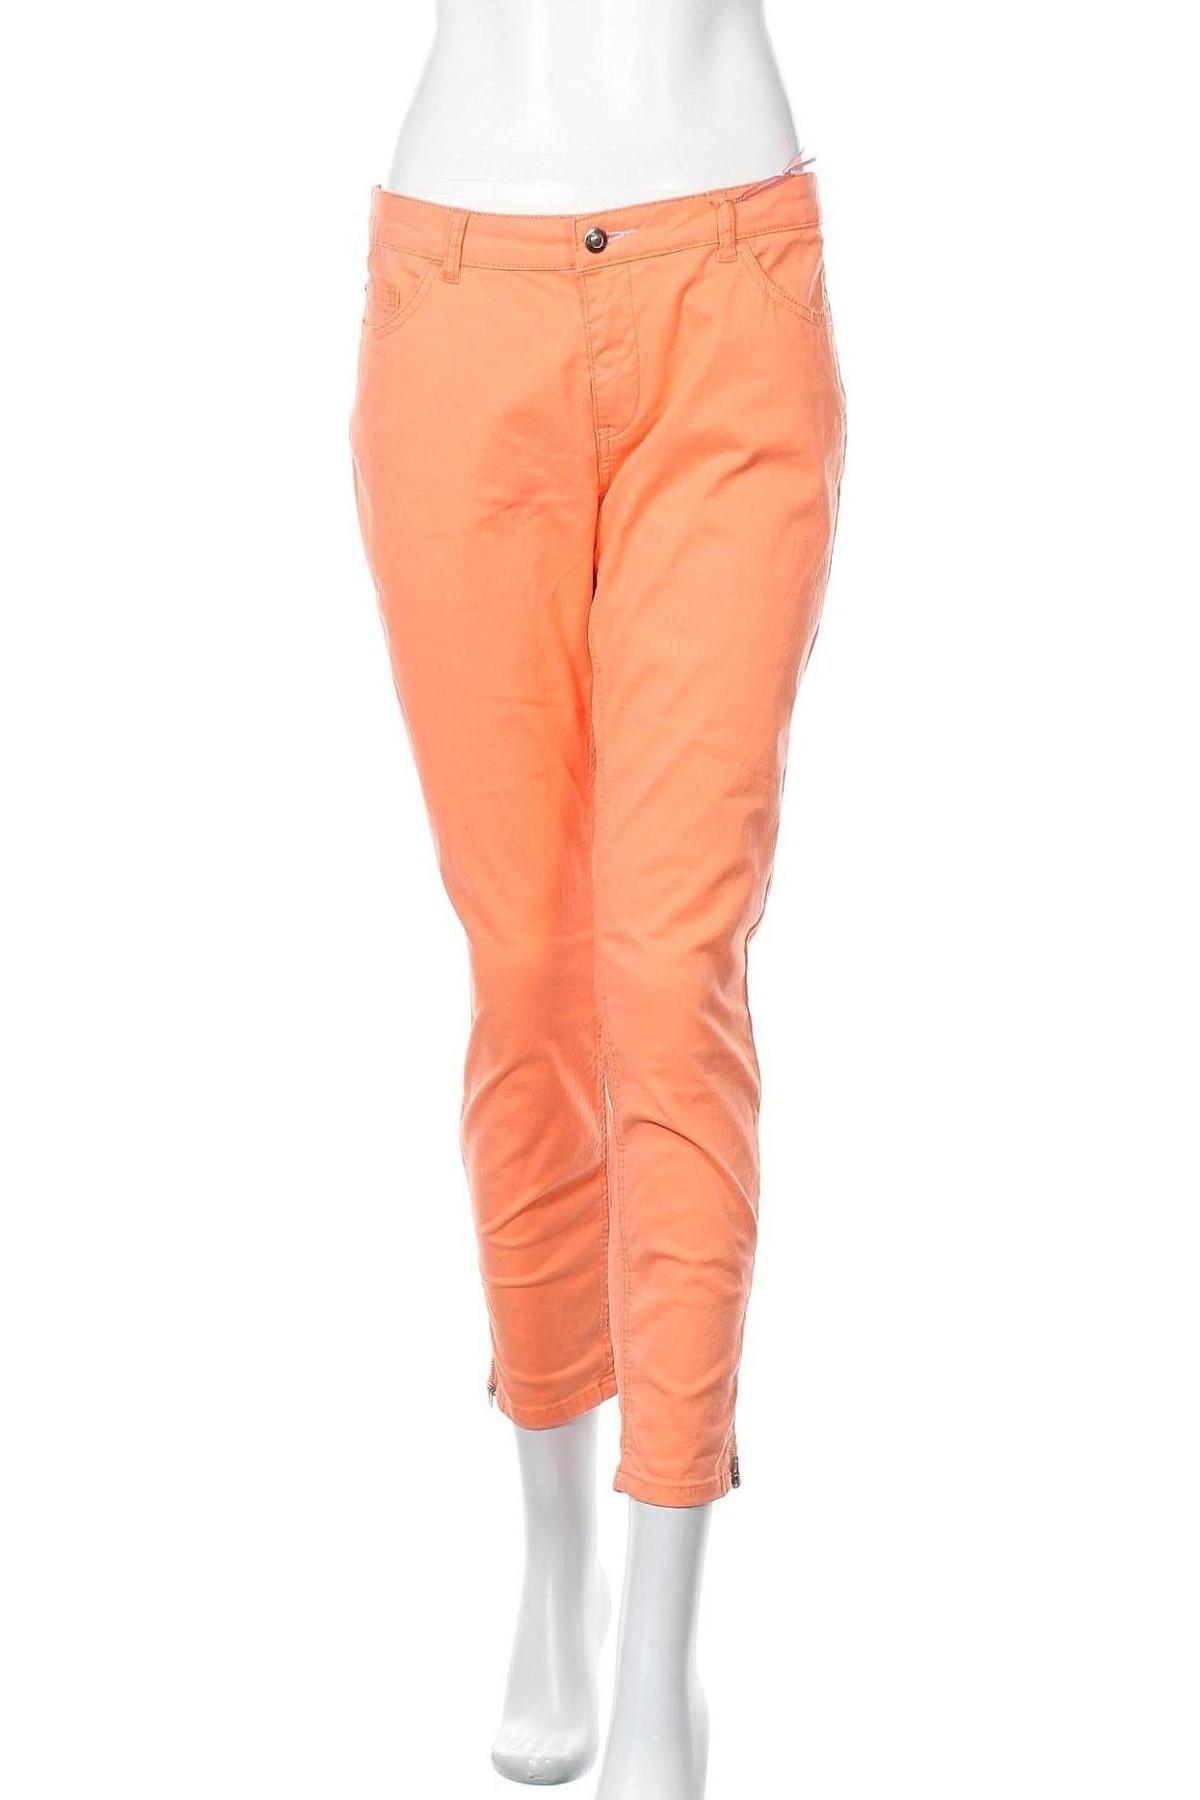 Дамски панталон Christian Berg, Размер L, Цвят Оранжев, 98% памук, 2% еластан, Цена 26,28лв.